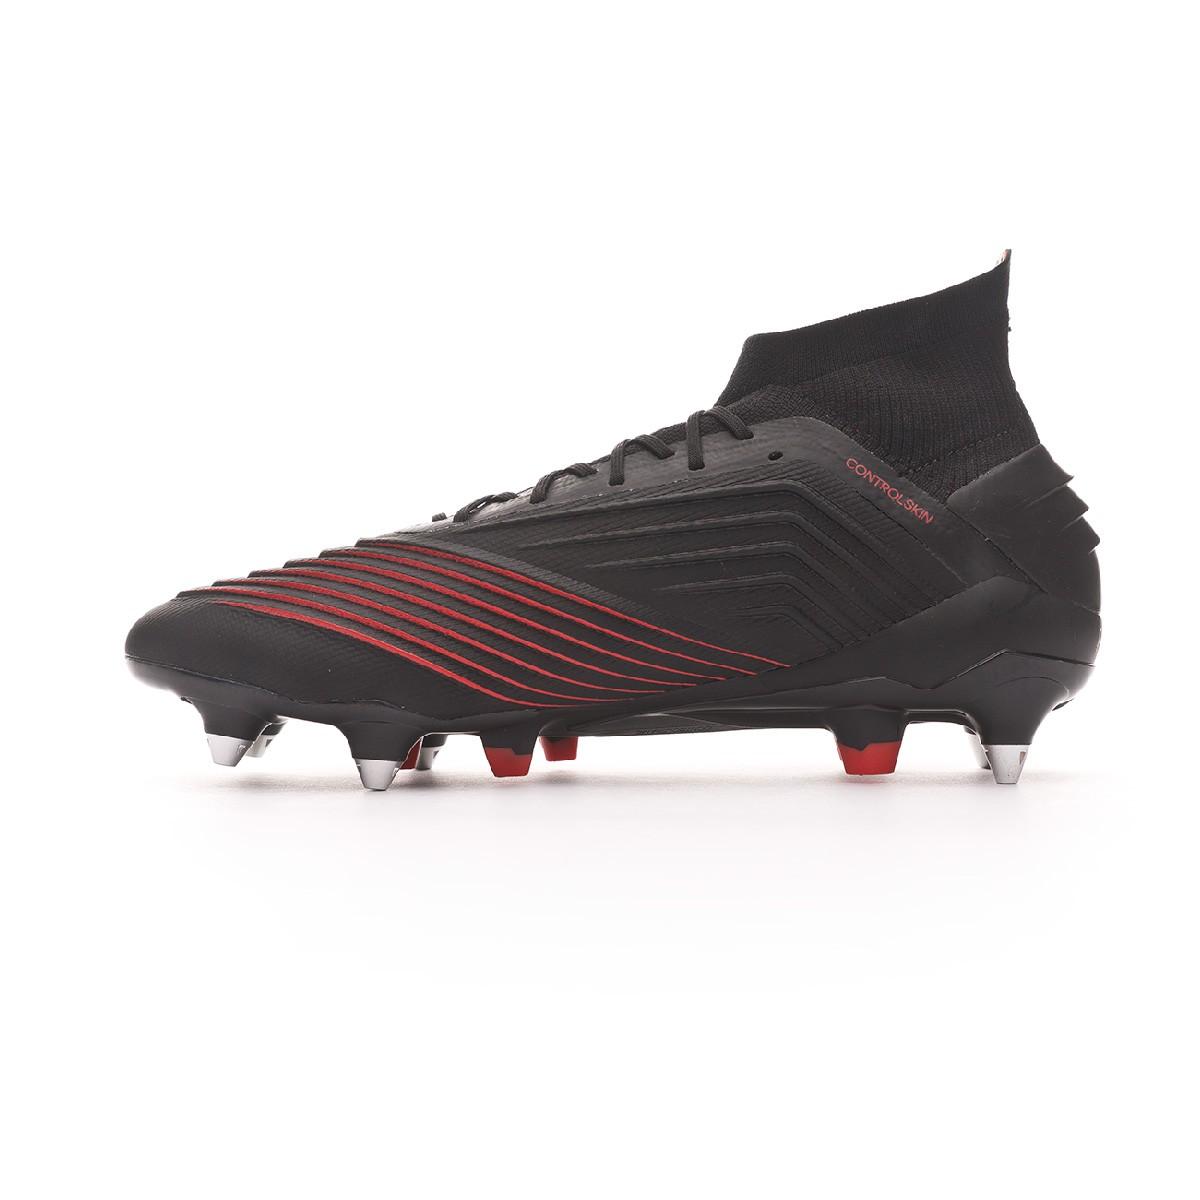 19 Zapatos Active Predator Black Fútbol Core Sg Adidas De Red 1 NnkPw08OX